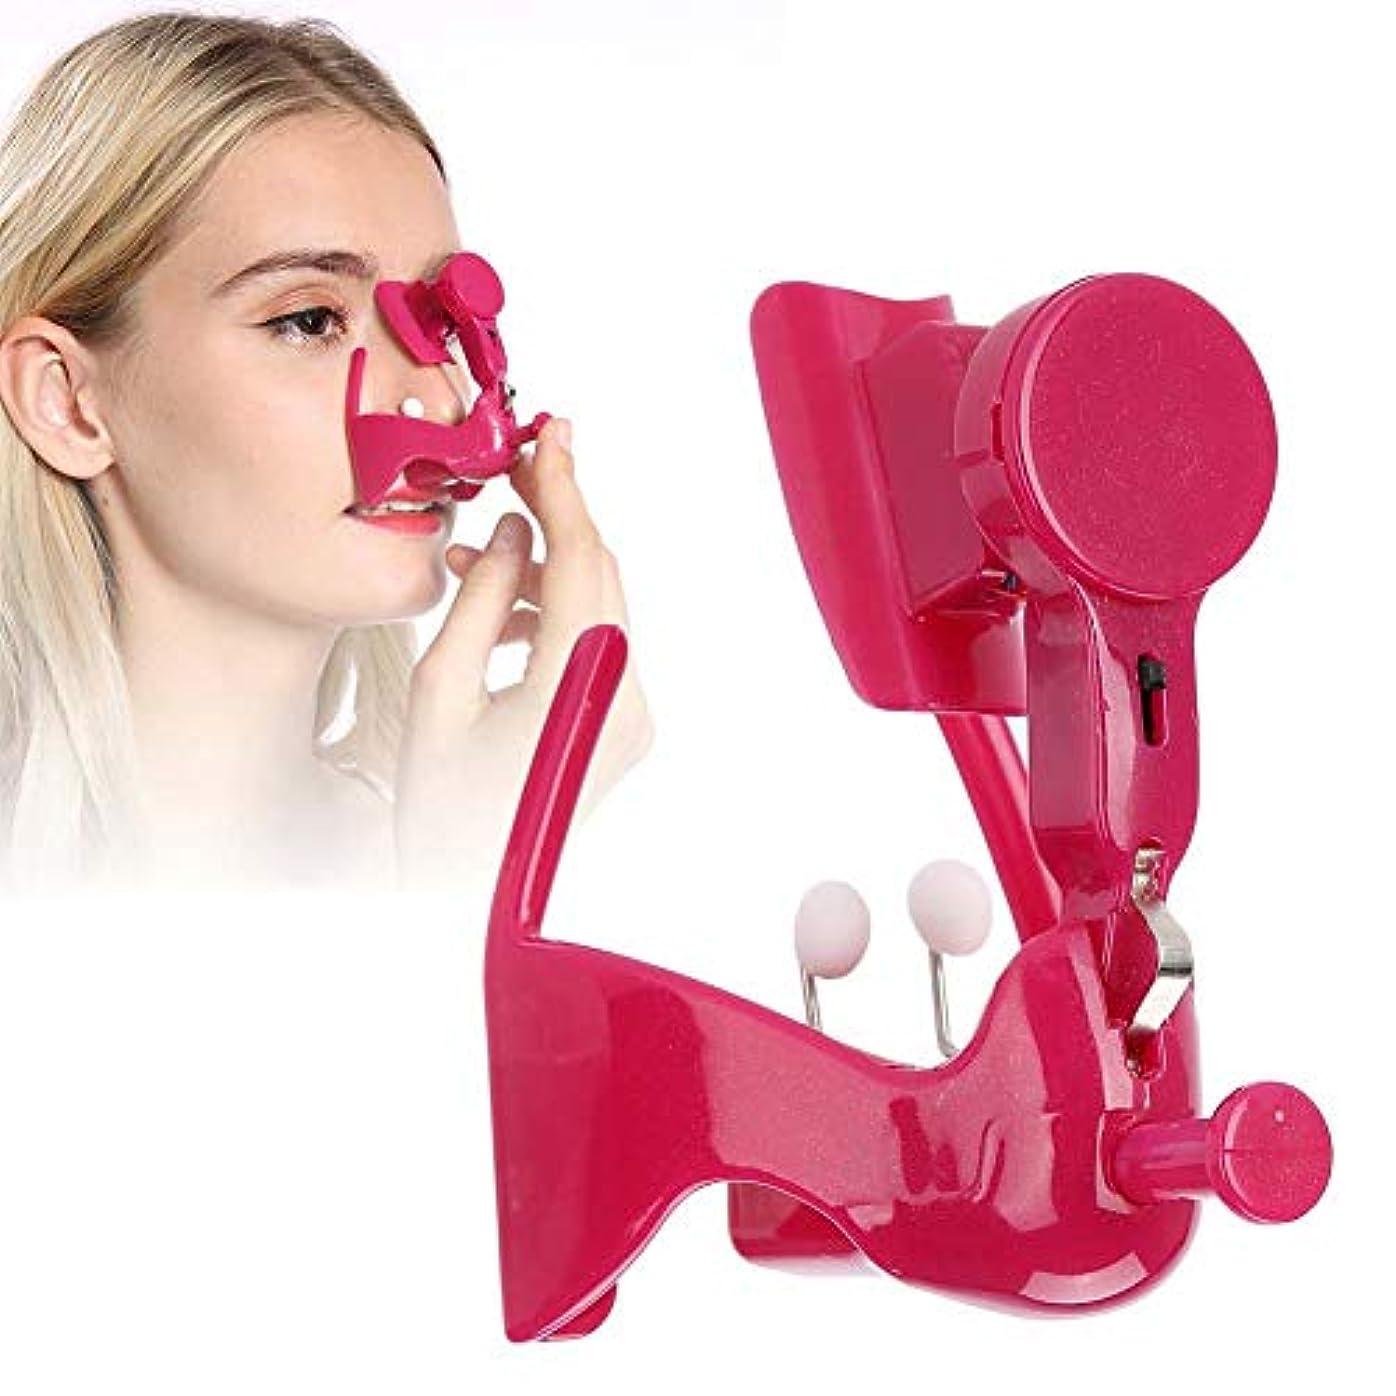 スタジオ馬鹿誘発する鼻筋 矯正 ノーズアップノーズクリップ 鼻高く鼻プチ 柔軟性高く バタリー付き